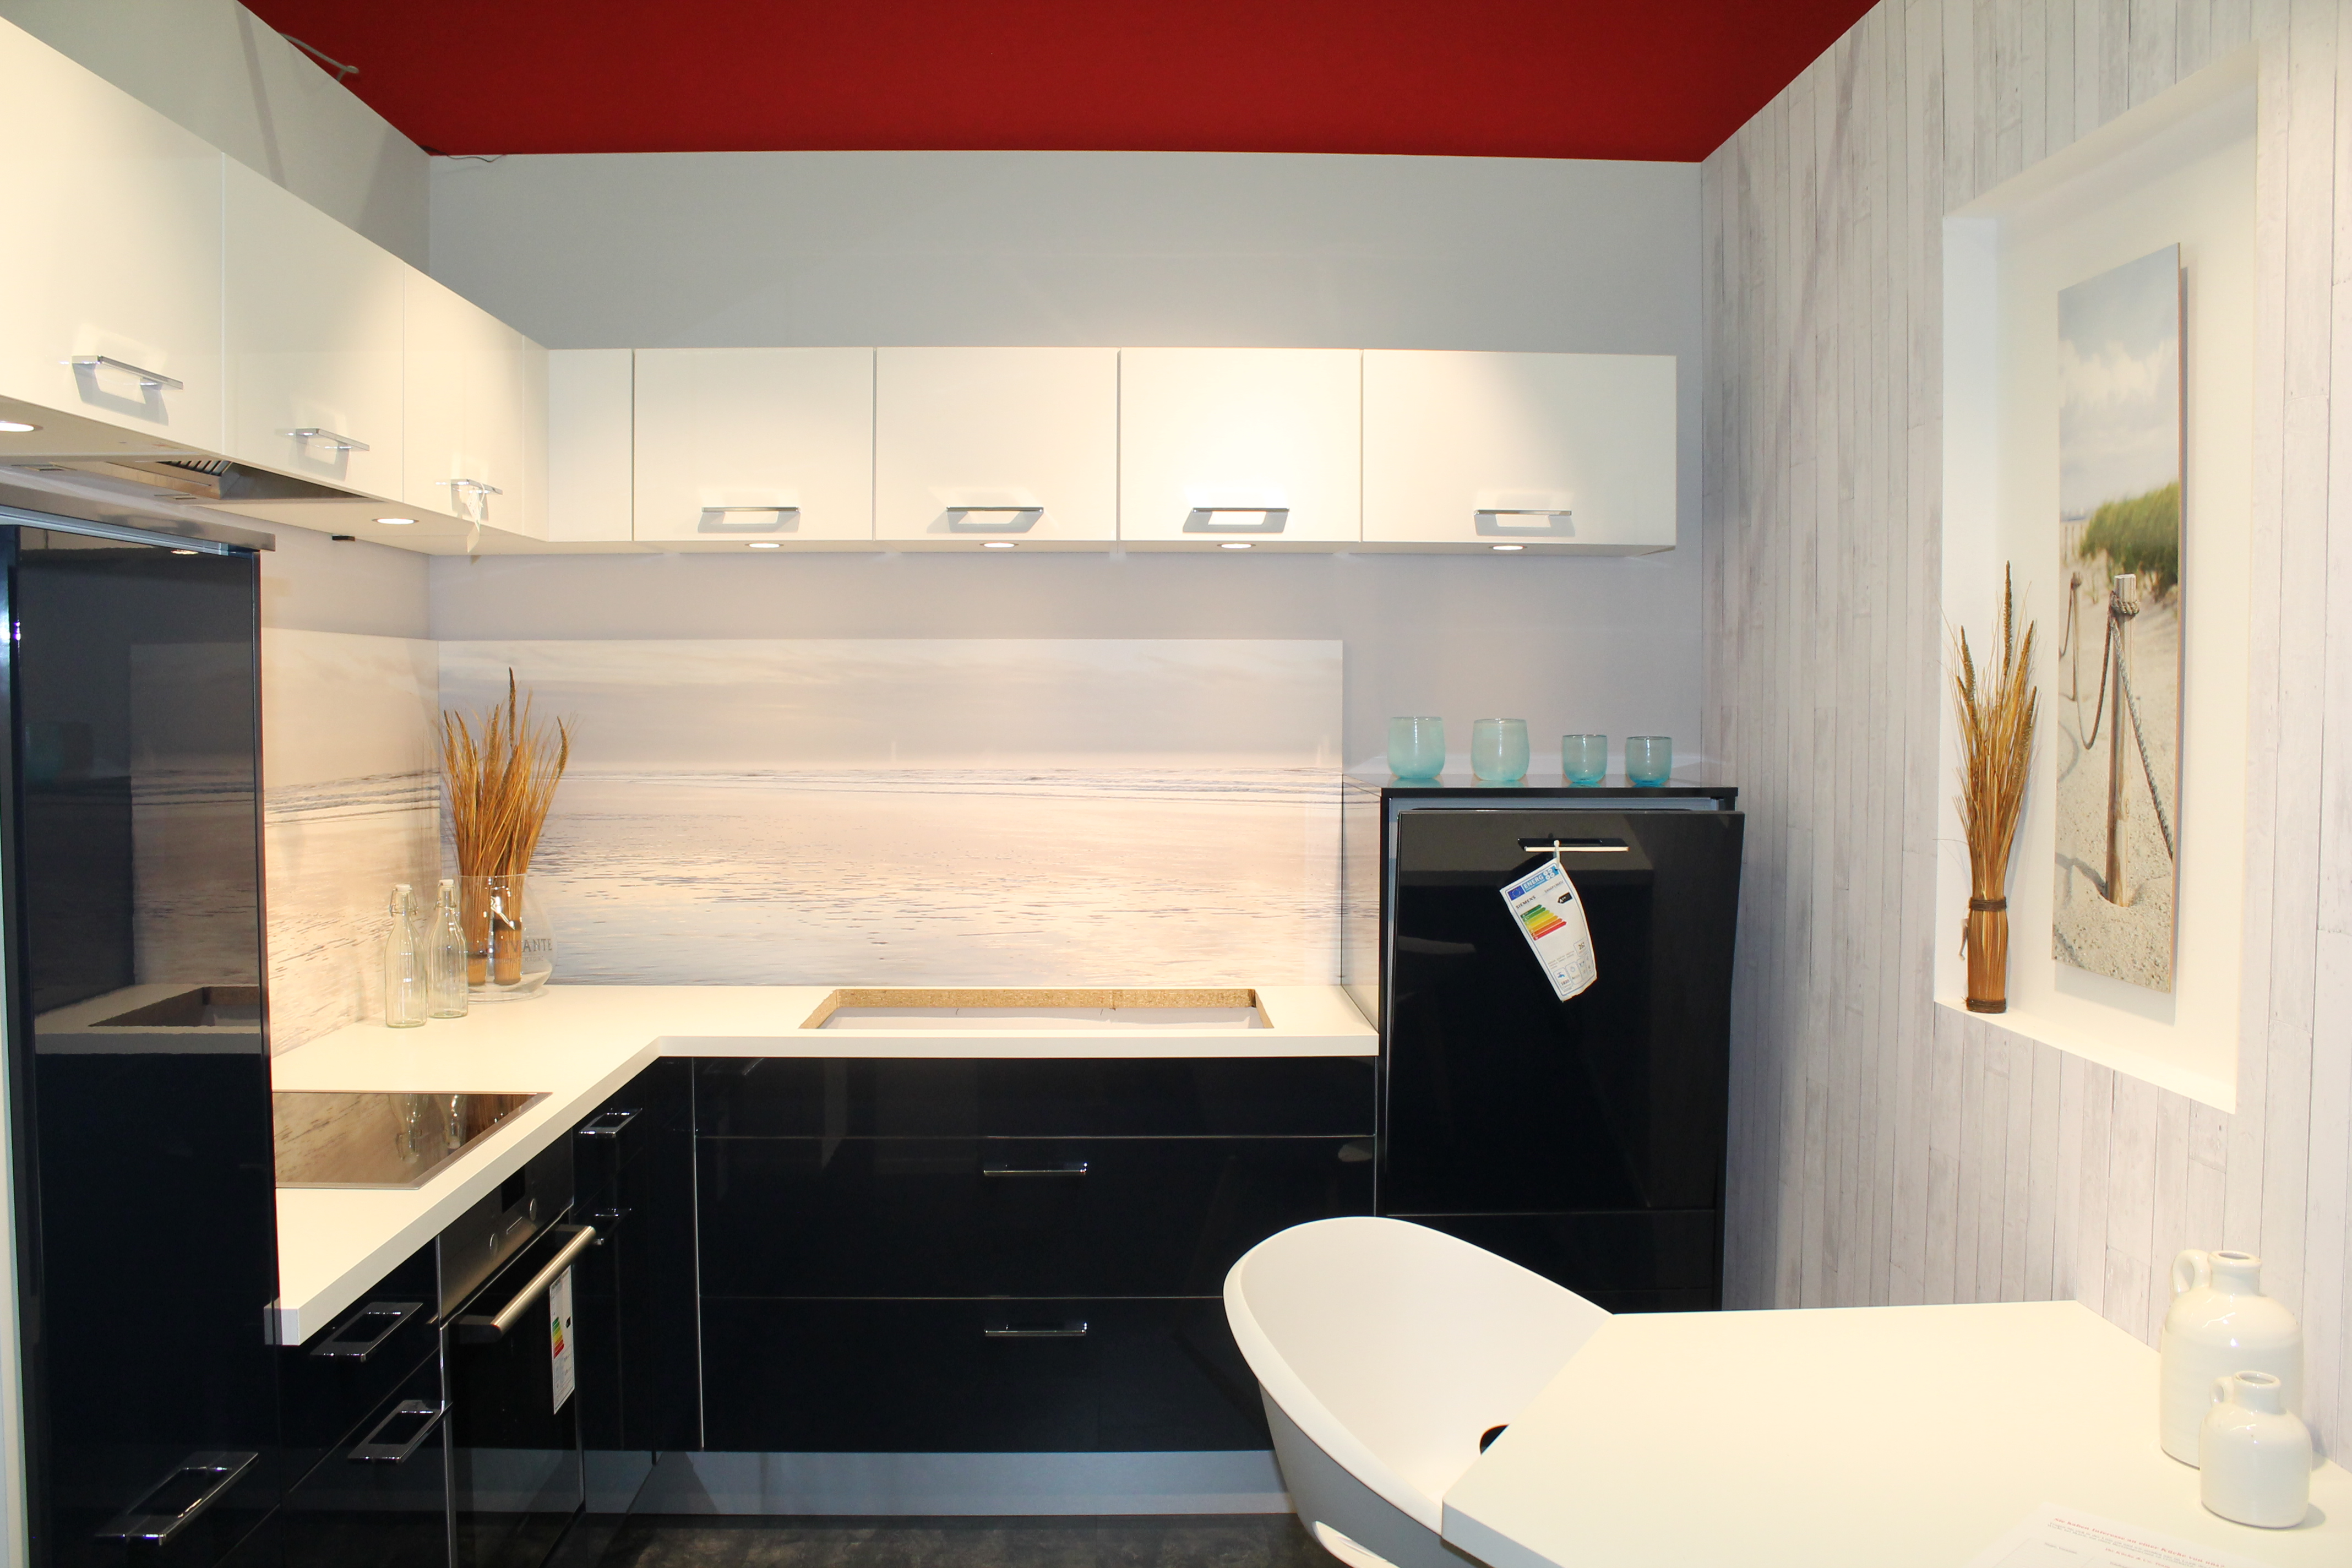 industrielle fertigung und auslieferung in gosen neu zittau infobel deutschland. Black Bedroom Furniture Sets. Home Design Ideas